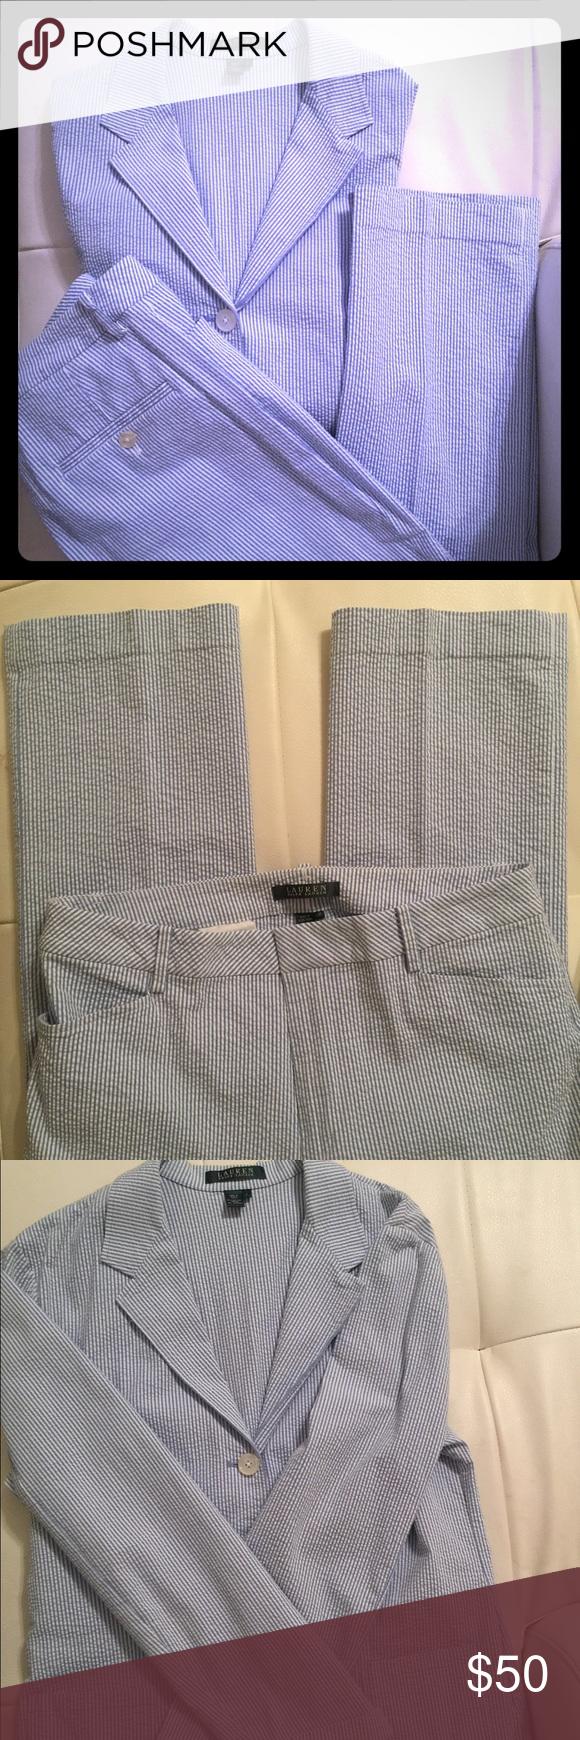 Ralph Lauren seersucker women's pant suit. Sz L Pants Sz 12. 29inch inseam 8 1/2 inch foot hole. Blazer Sz Large. Ralph Lauren Other